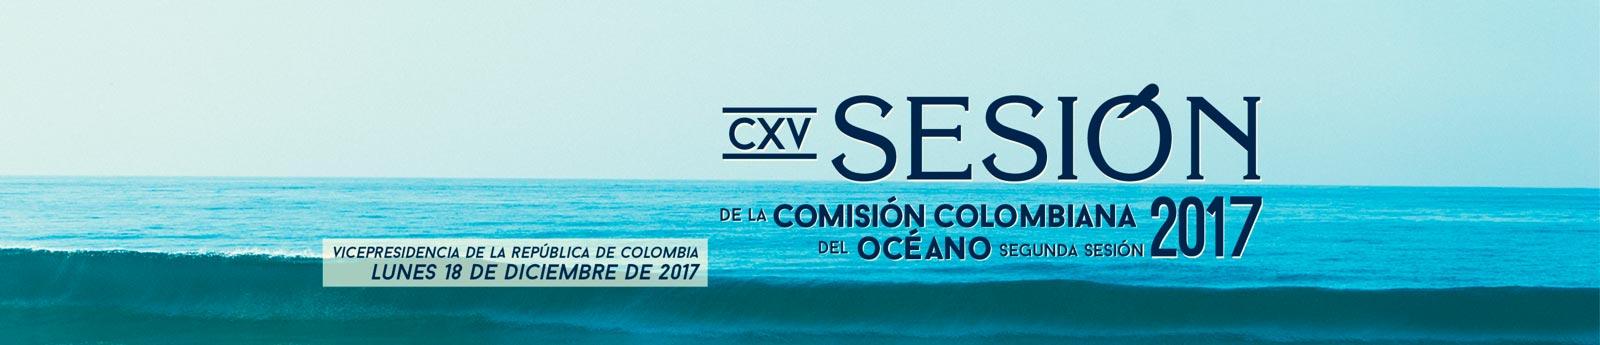 En Bogotá se realizará la Segunda Sesión de la Comisión Colombiana del Océano en el 2017